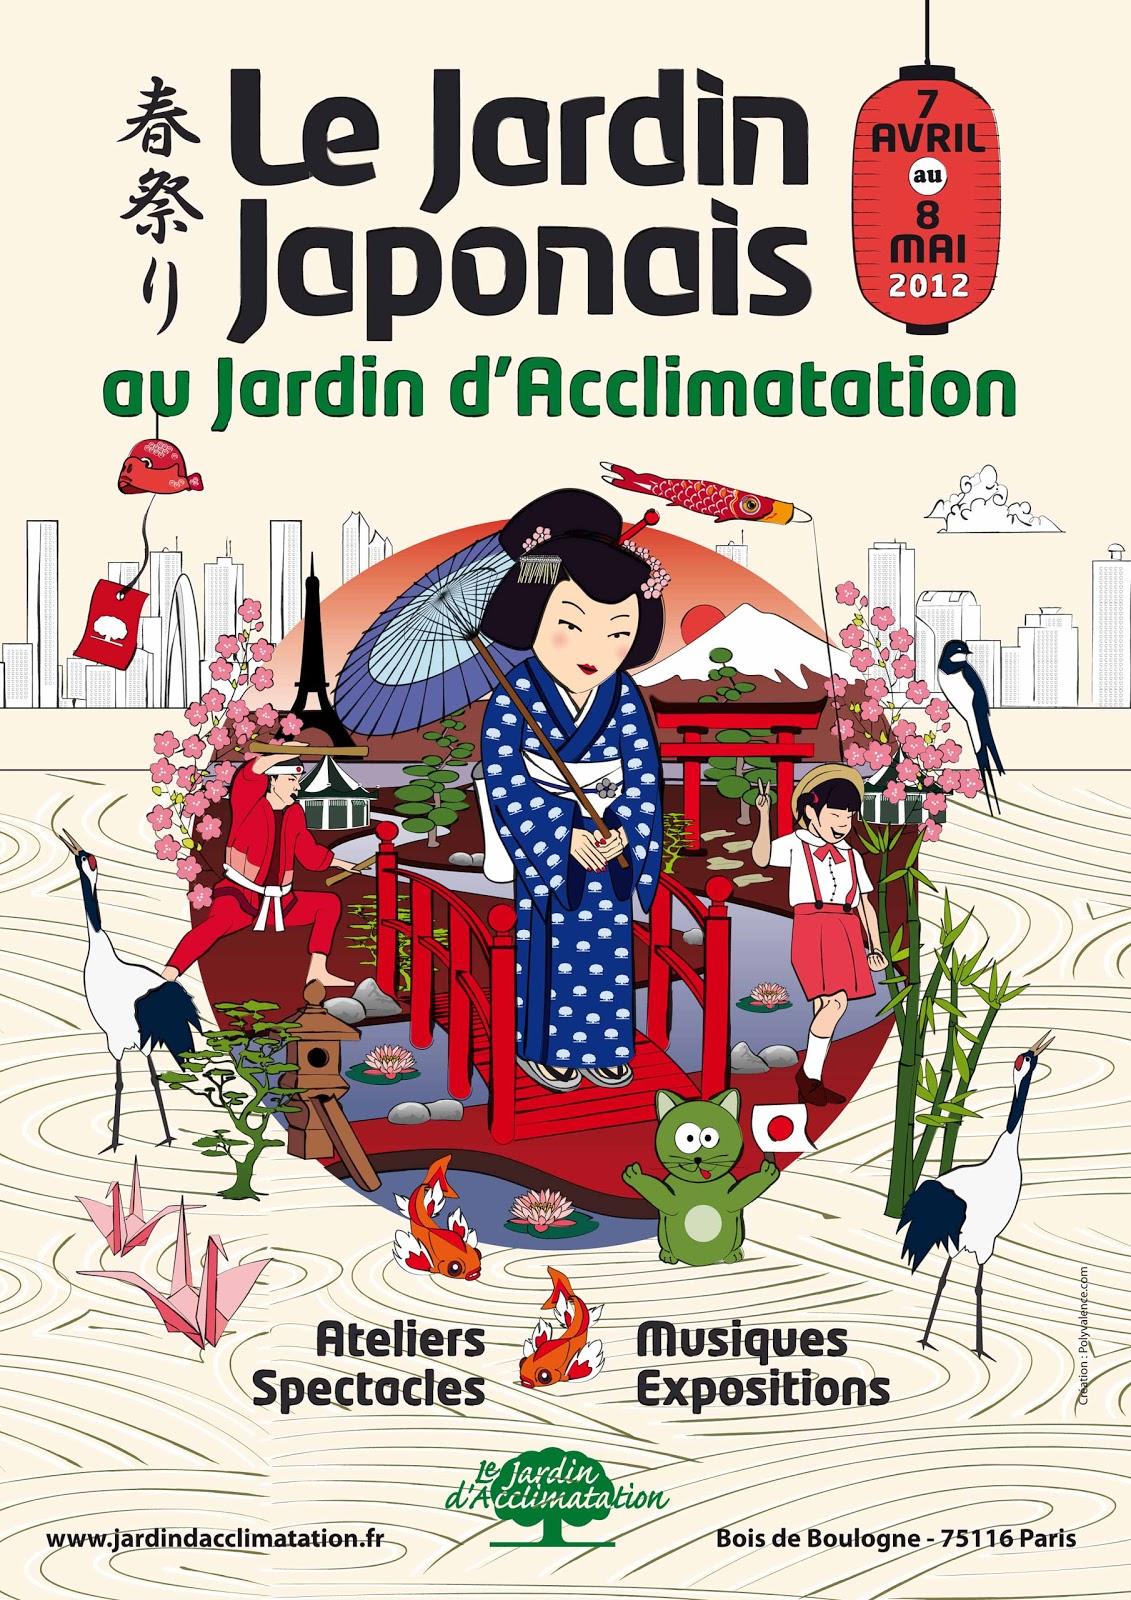 Ma vraie cuisine japonaise le jardin japonais paris du 7 avril au 8 mai - Ateliers jardin d acclimatation ...